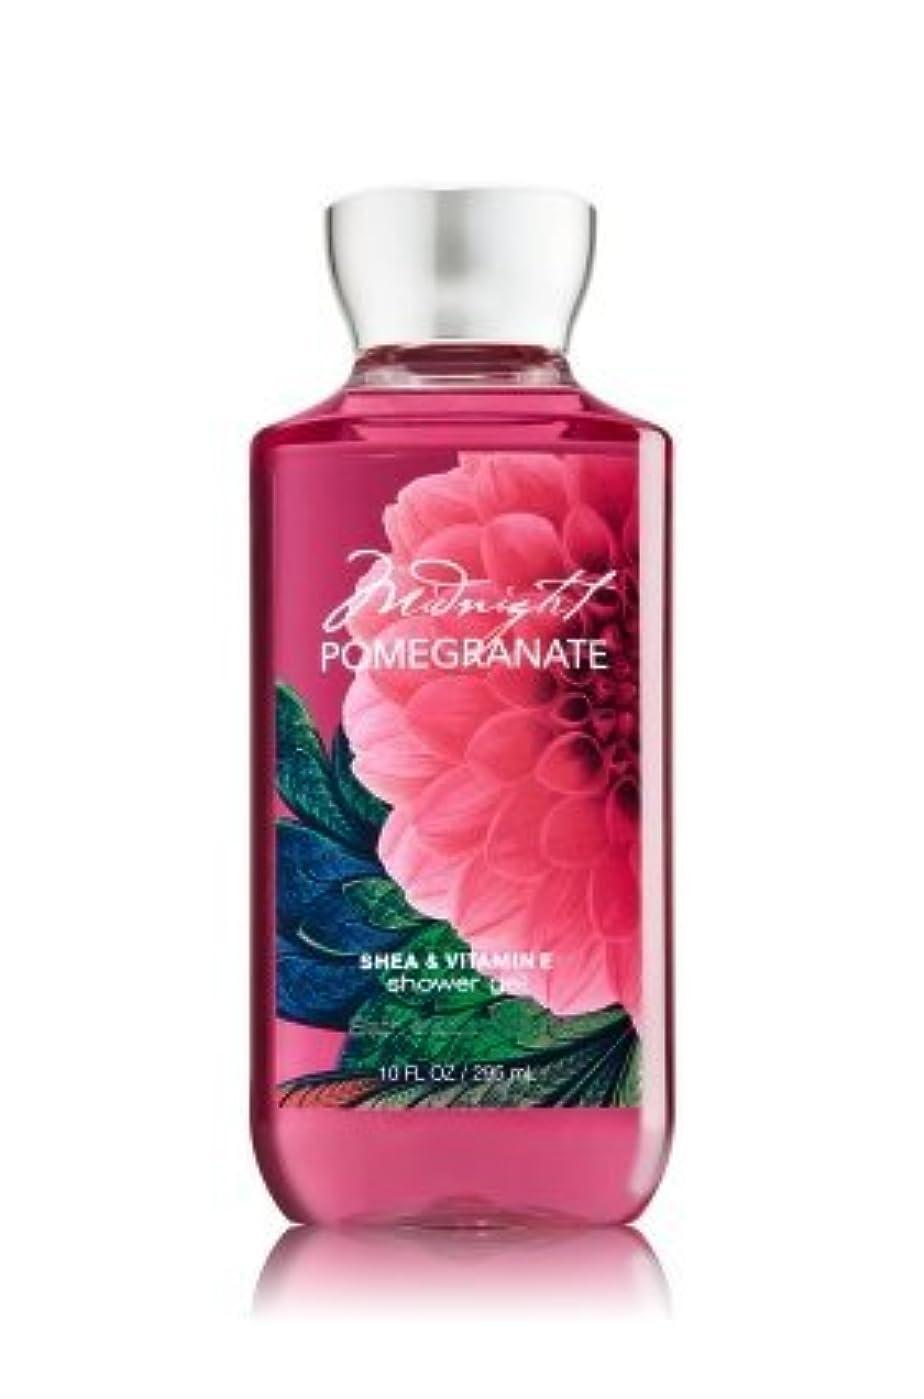 比べる美容師慰め【Bath&Body Works/バス&ボディワークス】 シャワージェル ミッドナイトポメグラネート Shower Gel Midnight Pomegranate 10 fl oz / 295 mL [並行輸入品]